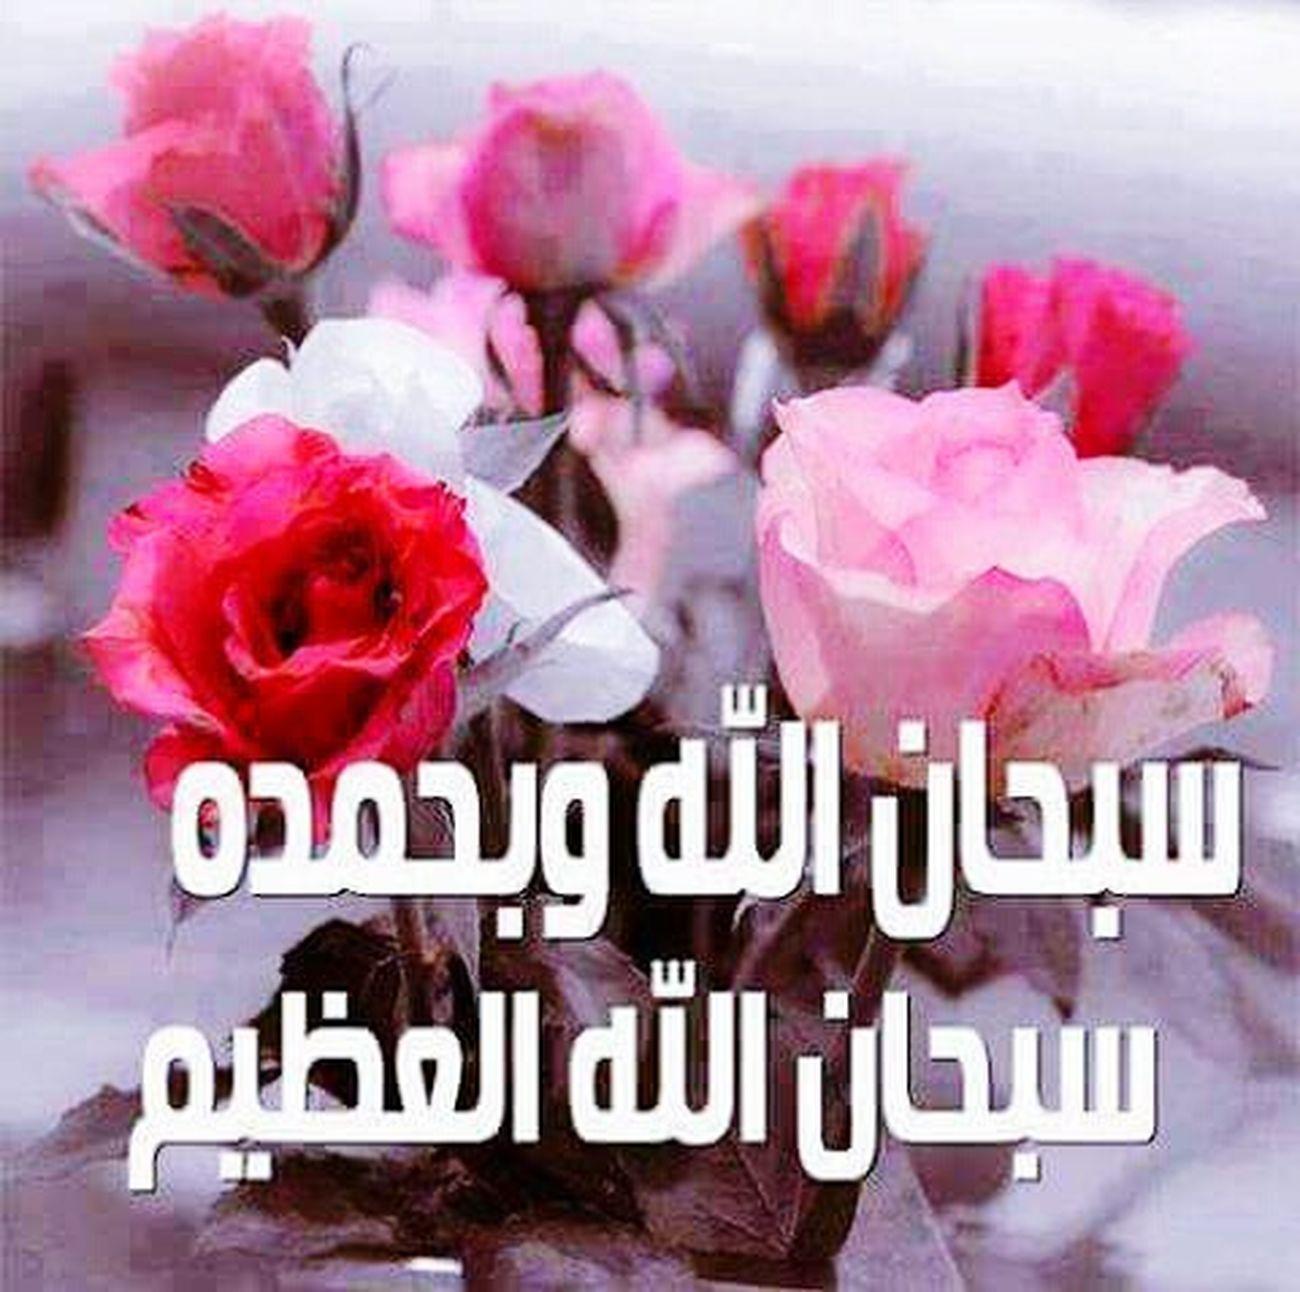 الحمد الله علي كل حال :-\